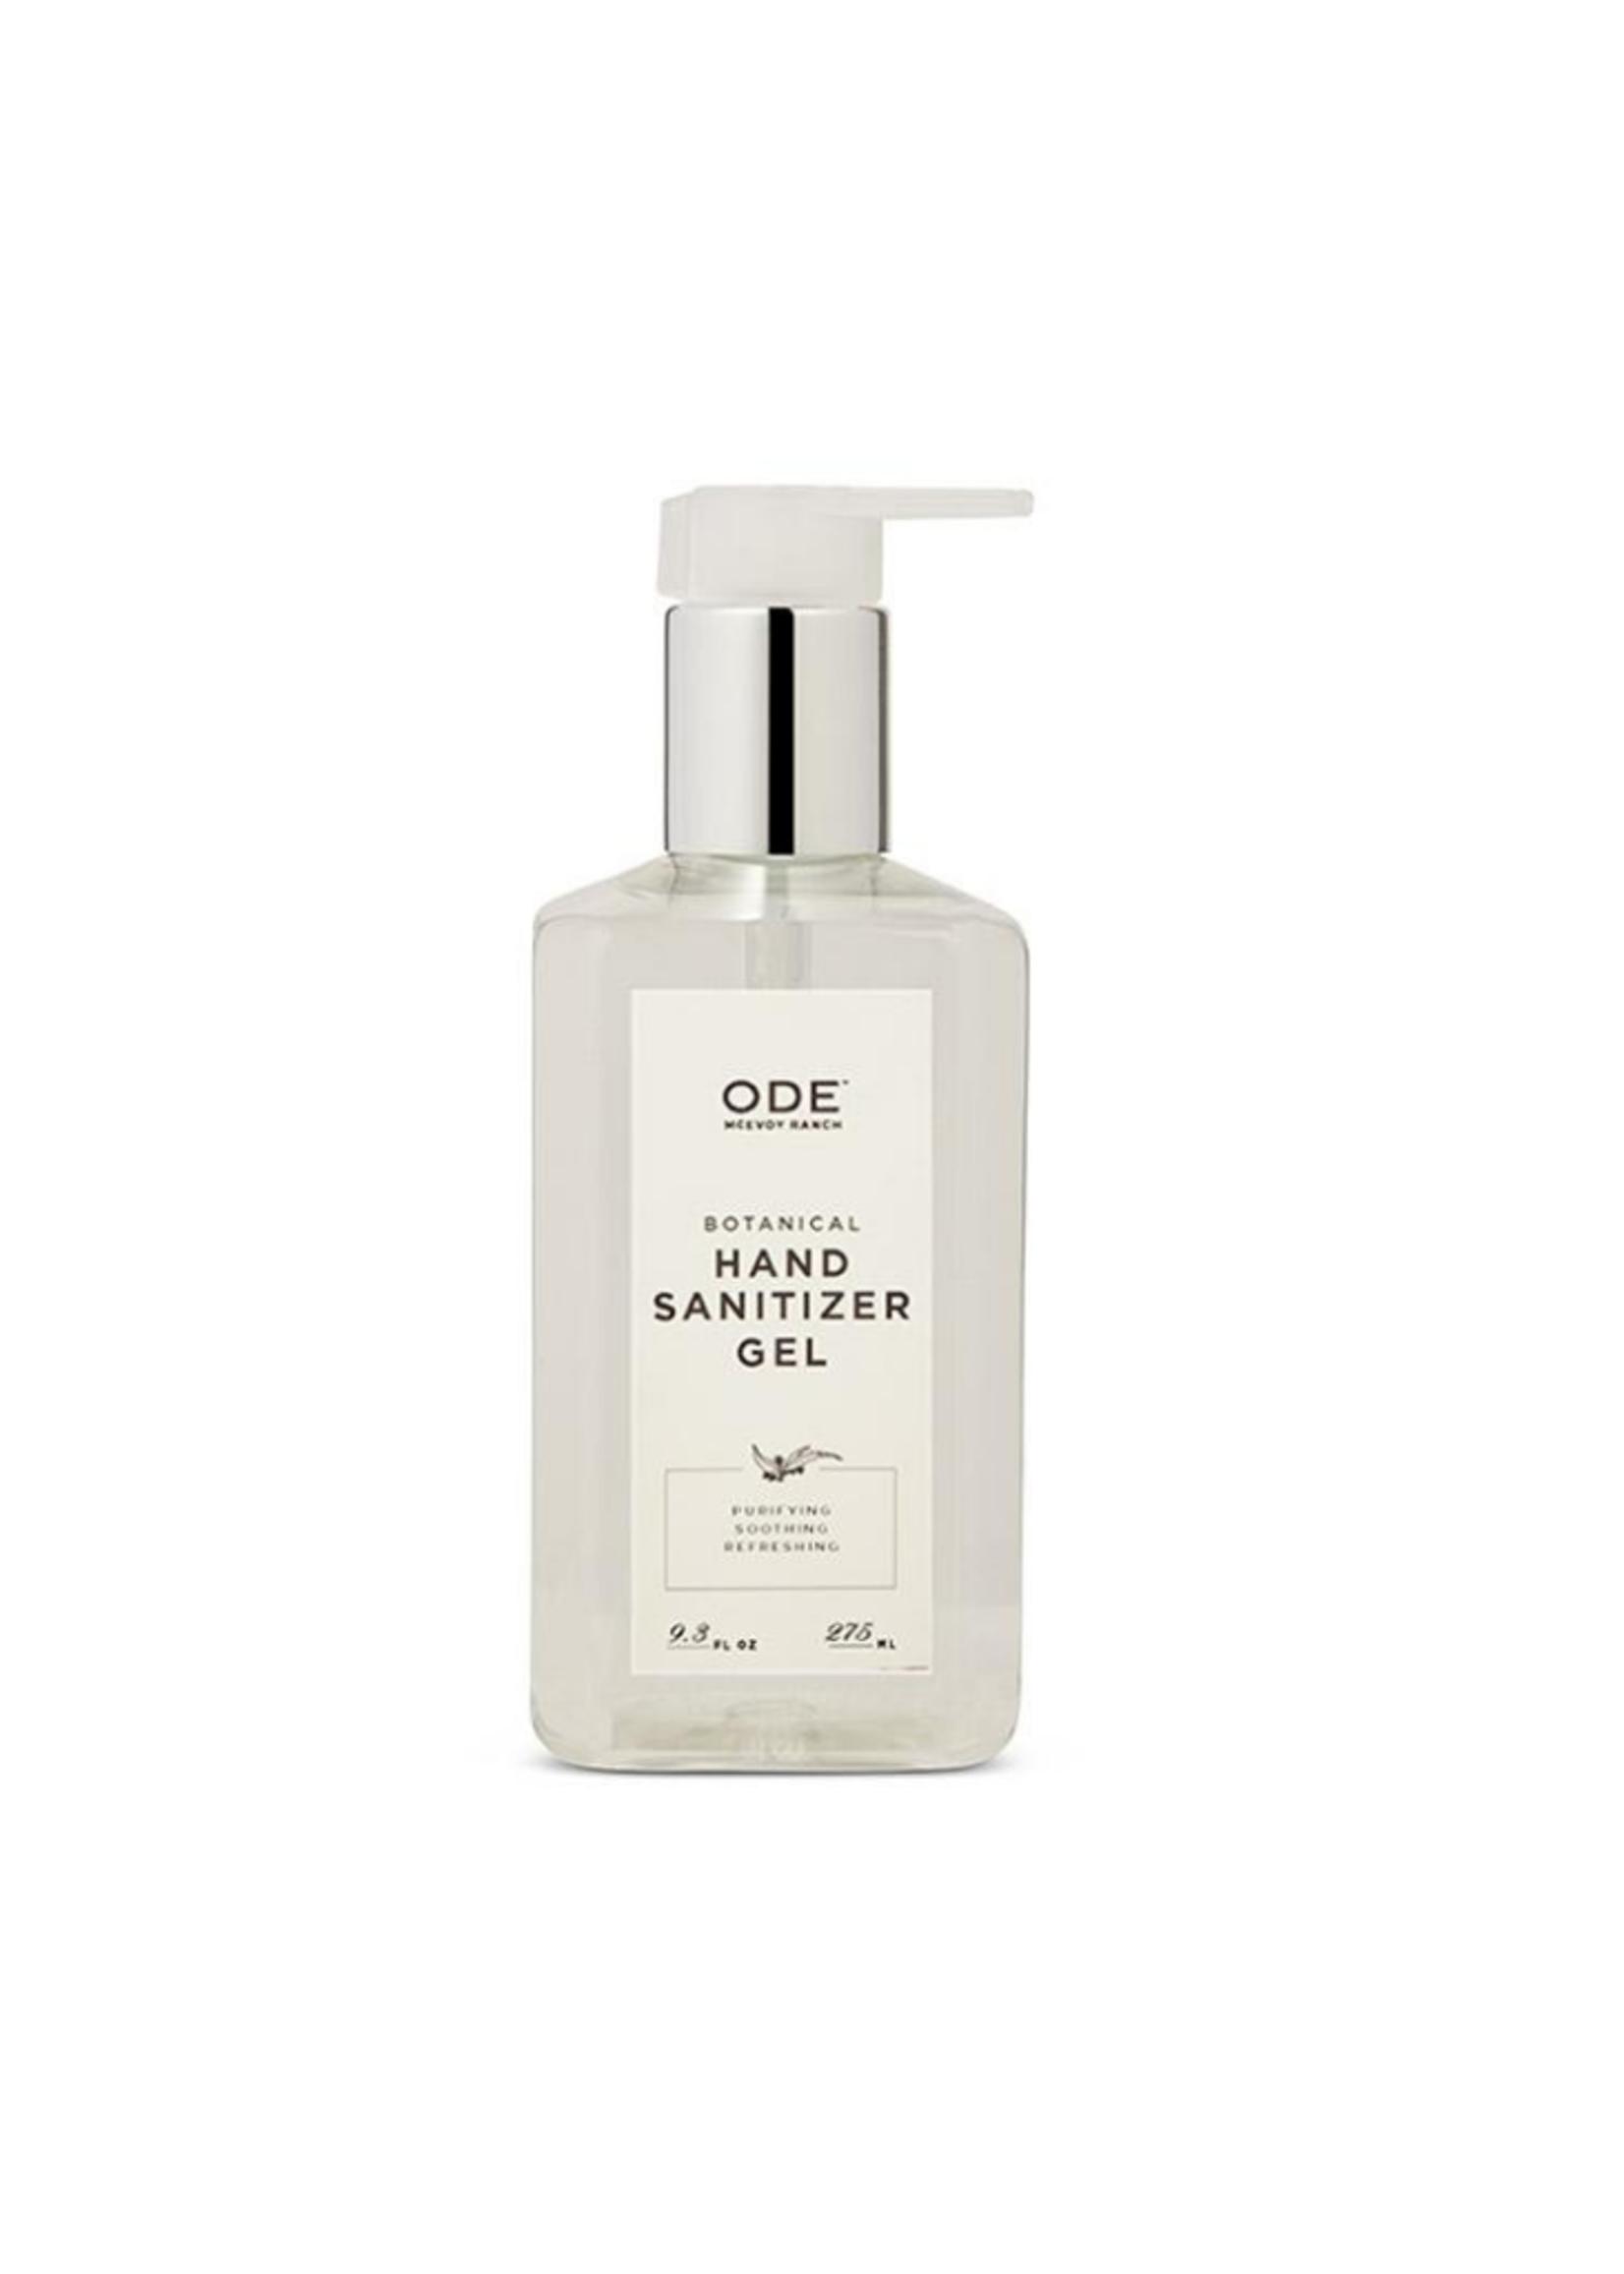 ODE ODE Botanical Hand Sanitizer Gel 9.3 oz